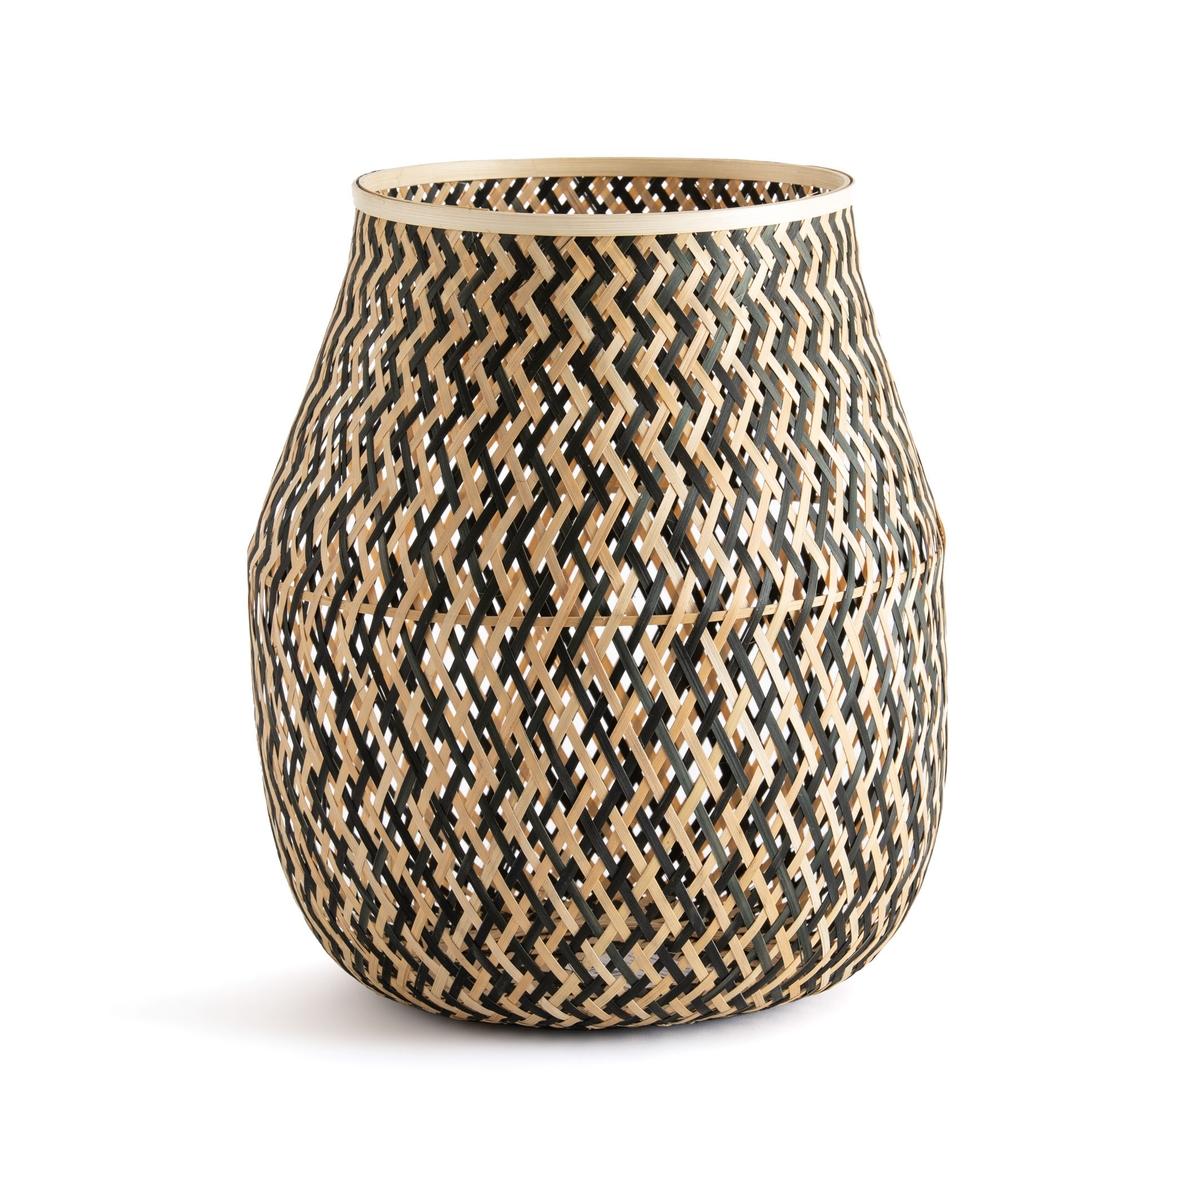 Корзина La Redoute Из плетеного бамбука Azzu единый размер бежевый корзина la redoute из абаки в см timeus единый размер бежевый